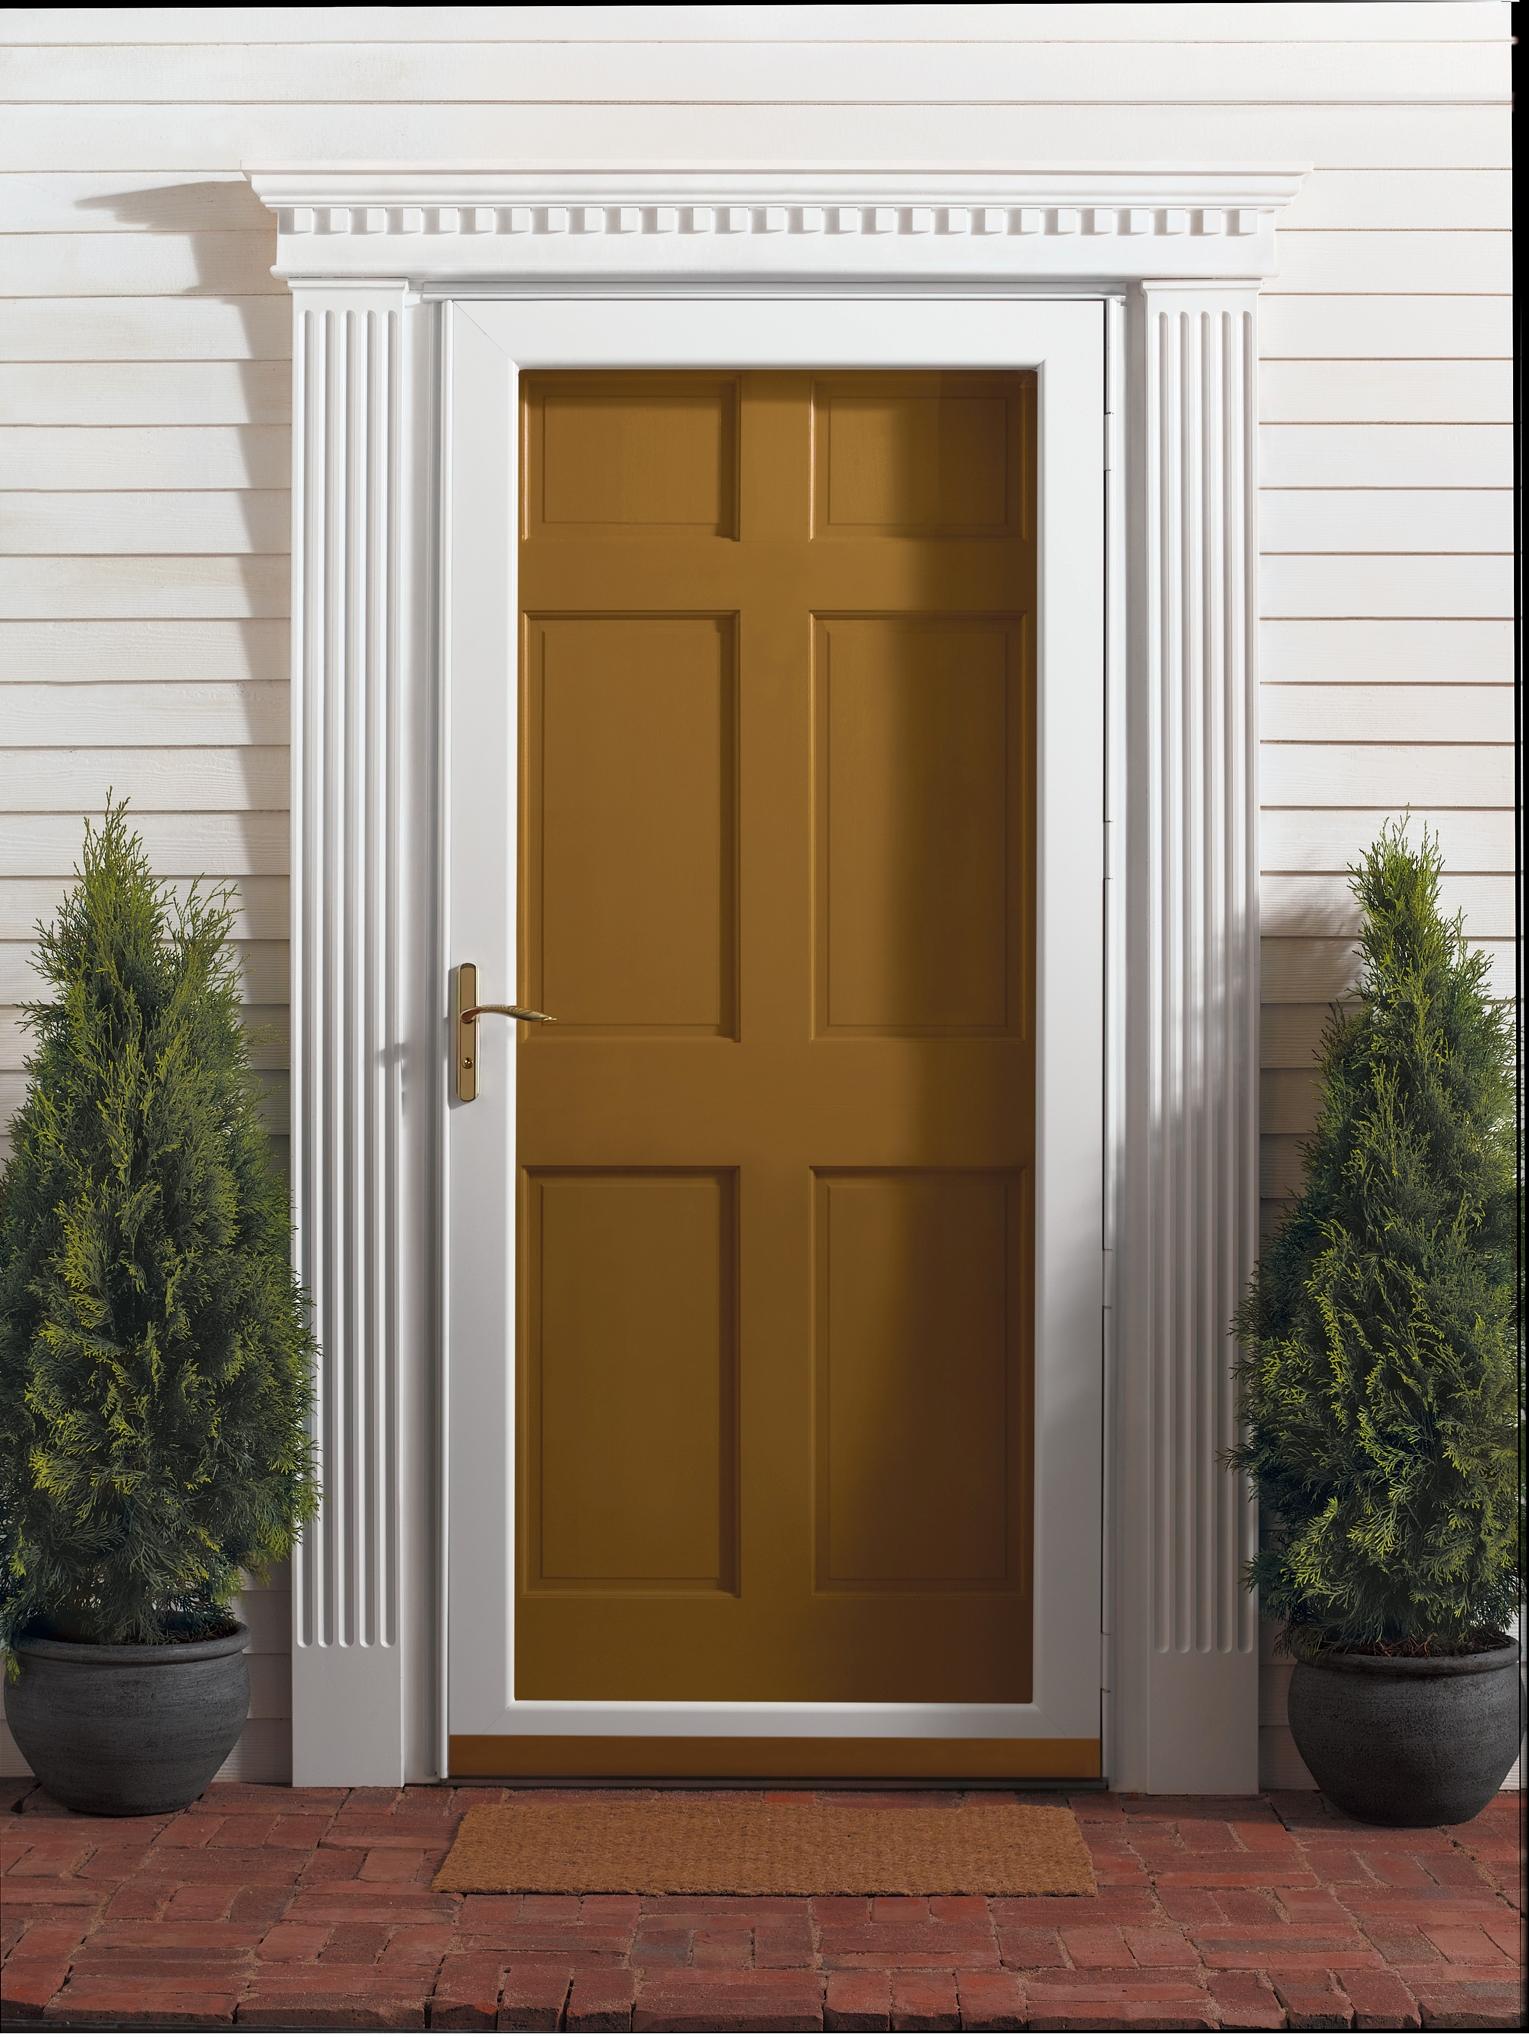 2037 #805F30 Full View Storm Doors Doortodump.us picture/photo Full View Entry Doors 43691529